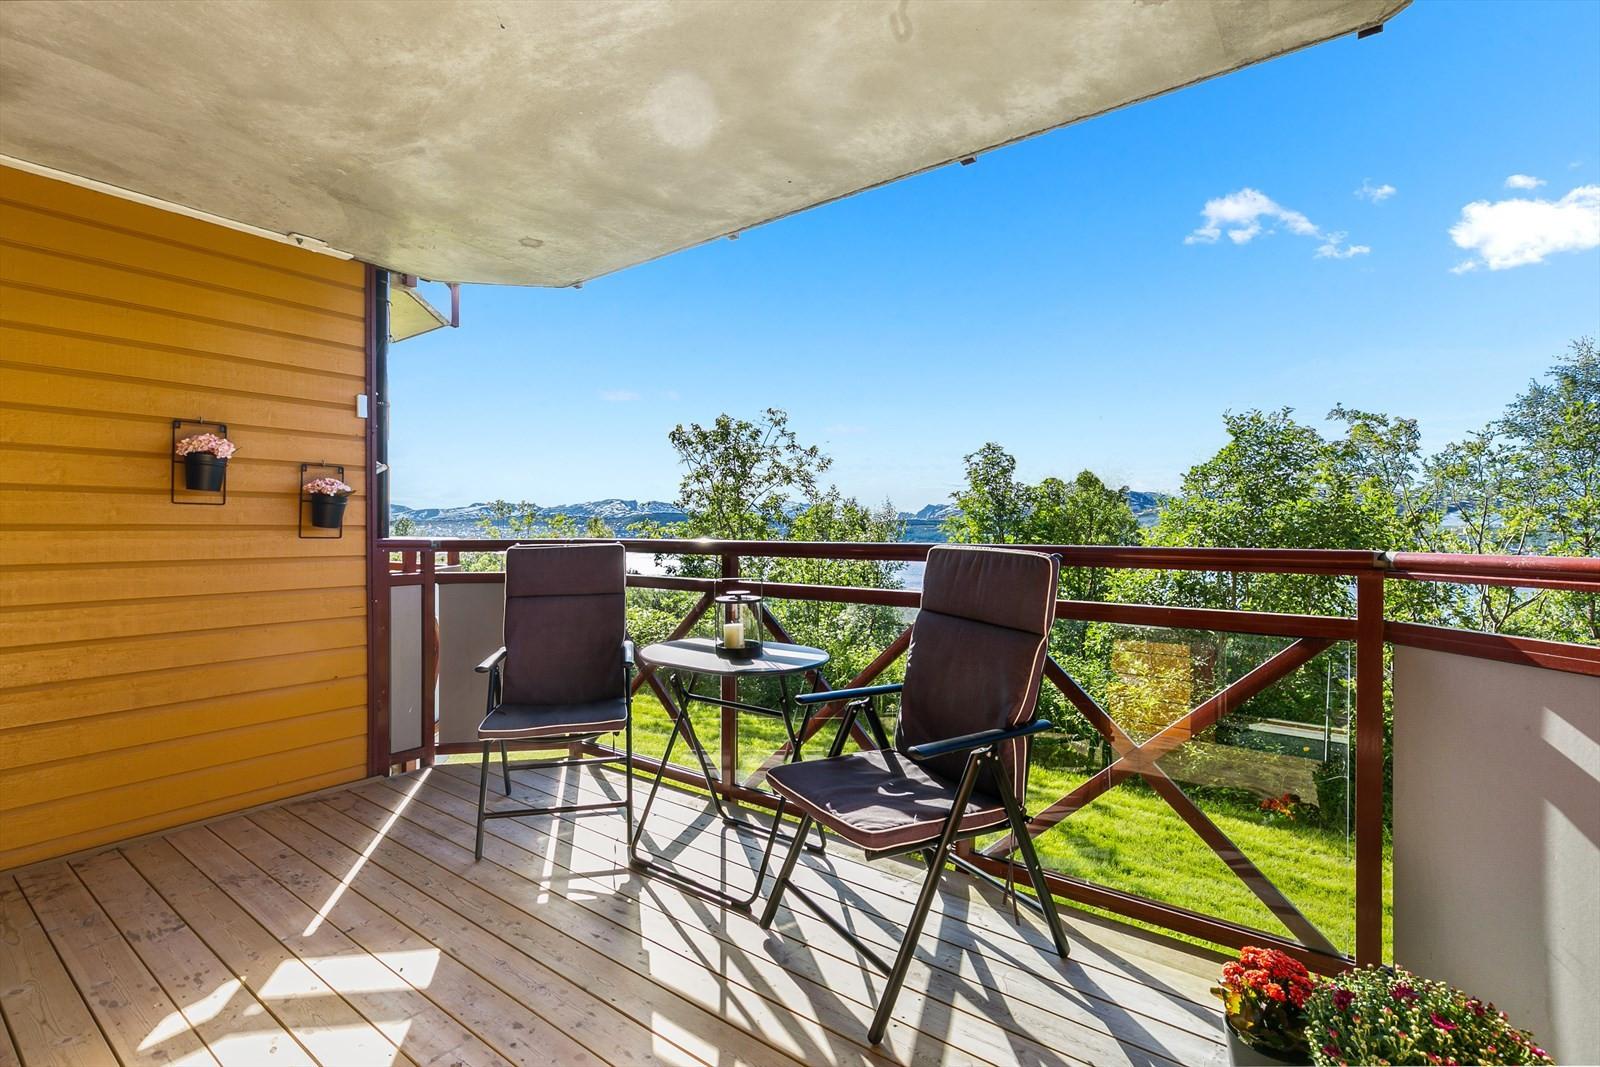 Takoverbygd vestvendt balkong med nydelig utsikt og solforhold!